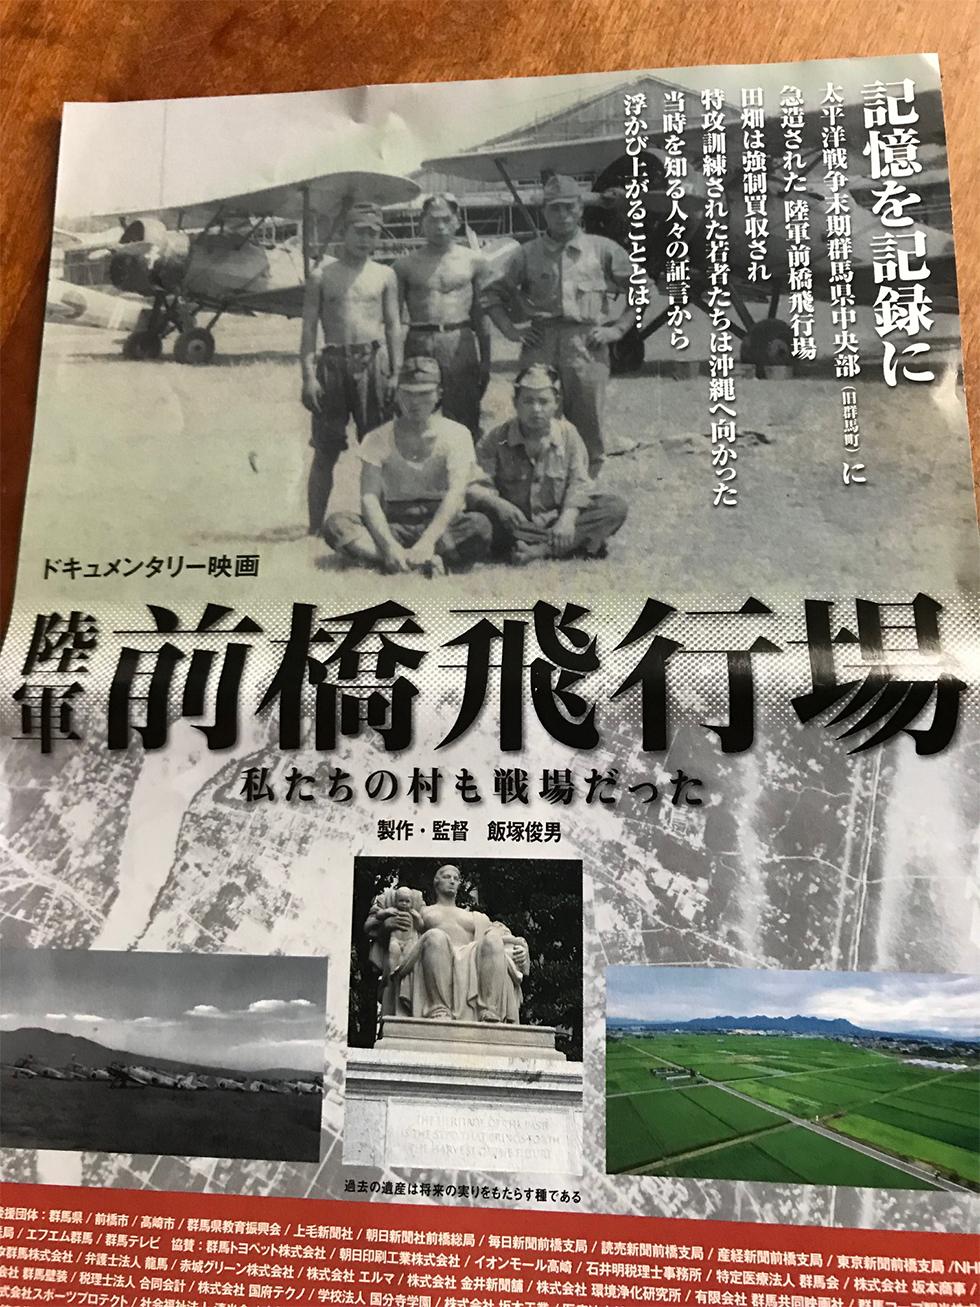 第14回『陸軍前橋飛行場』 | 冷泉公裕 キネマの天地|名作映画おすすめ ...